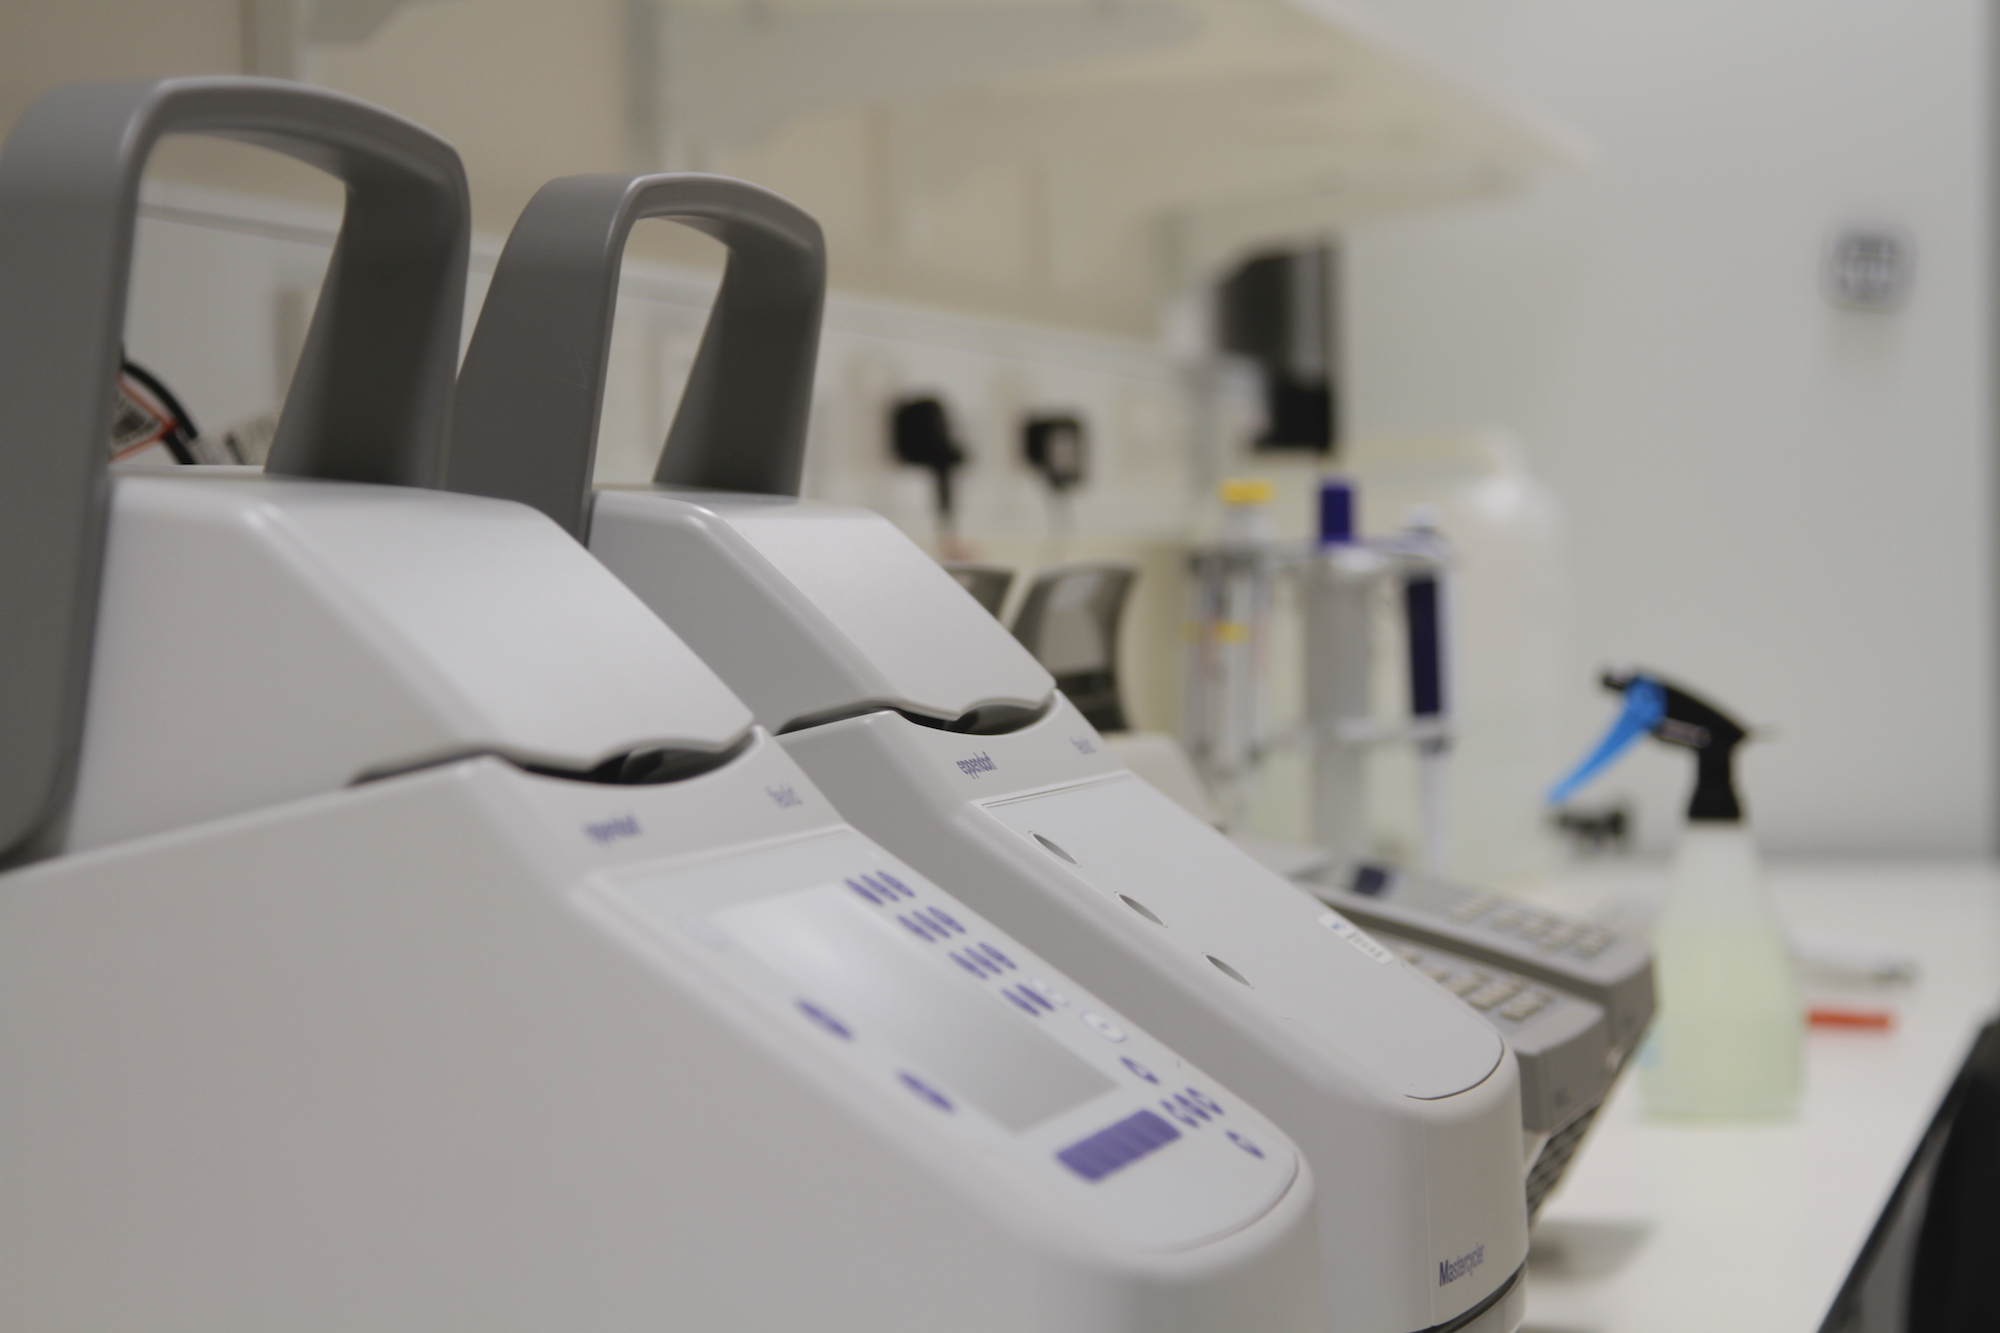 The PCR machines.